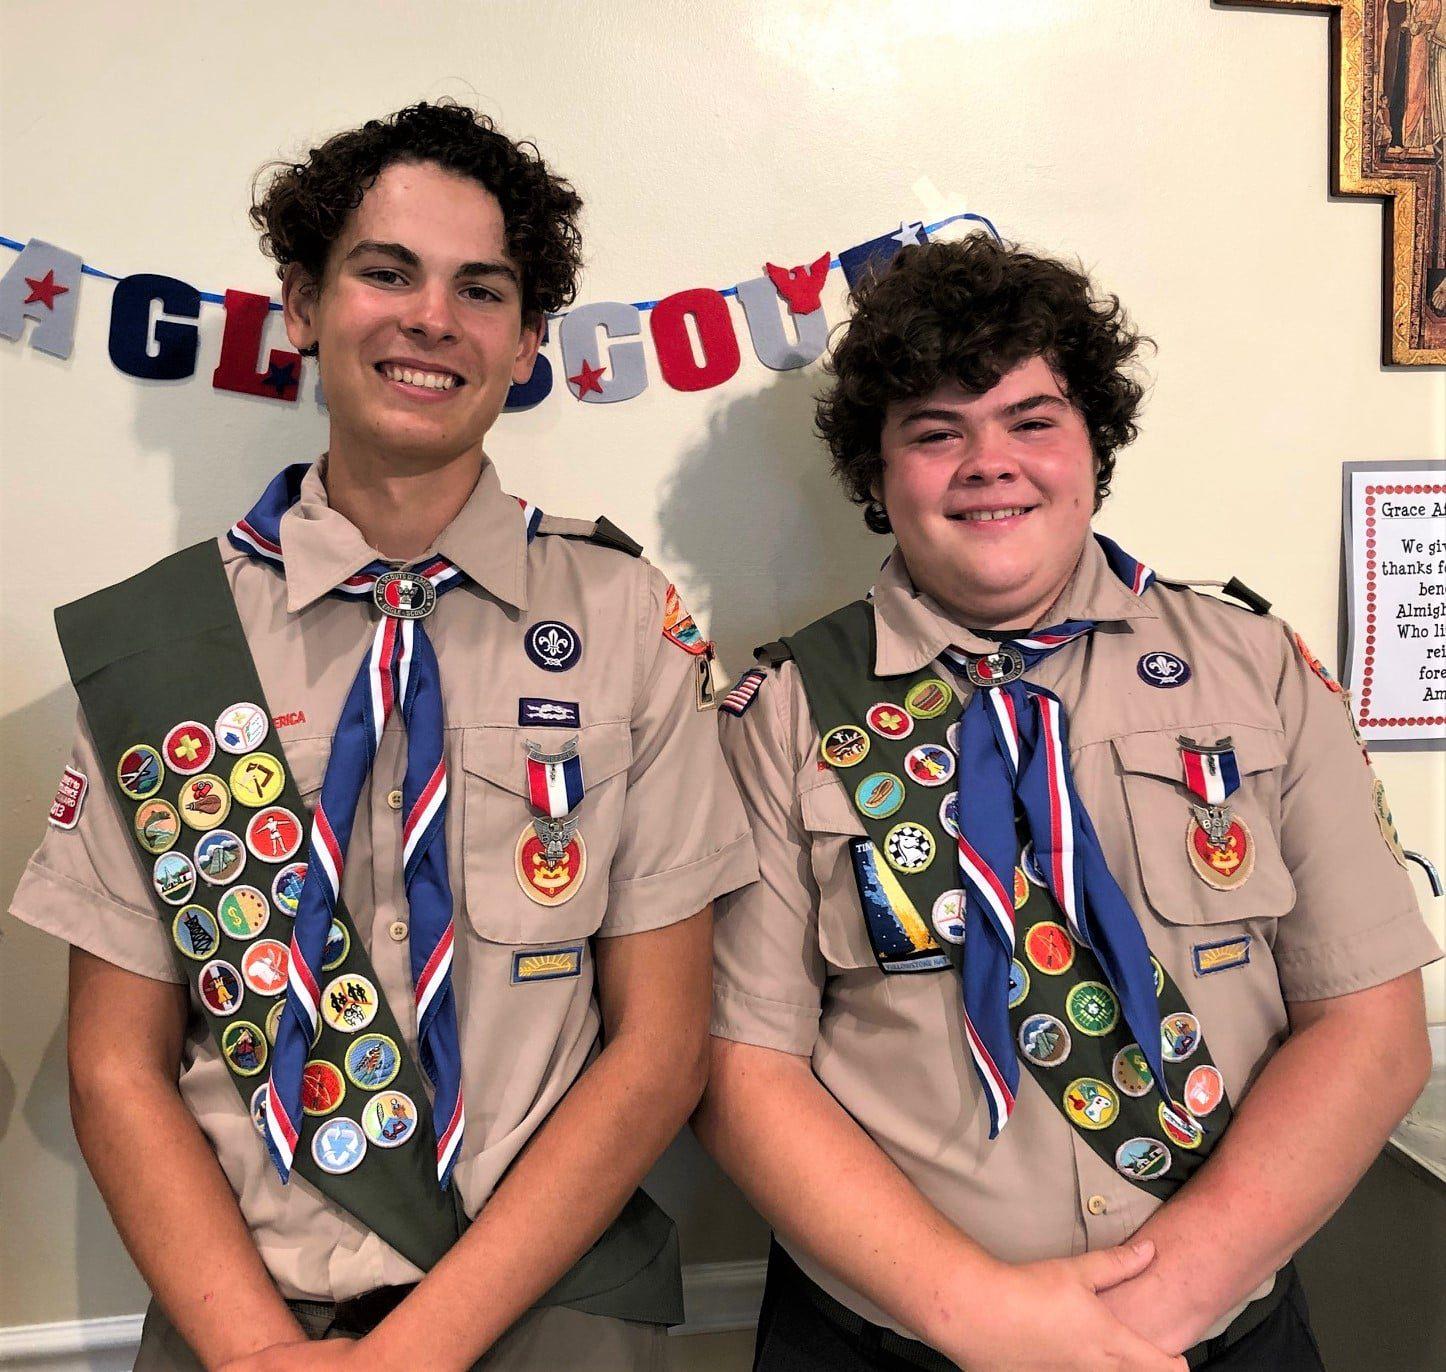 Boy Scouts / Cub Scouts